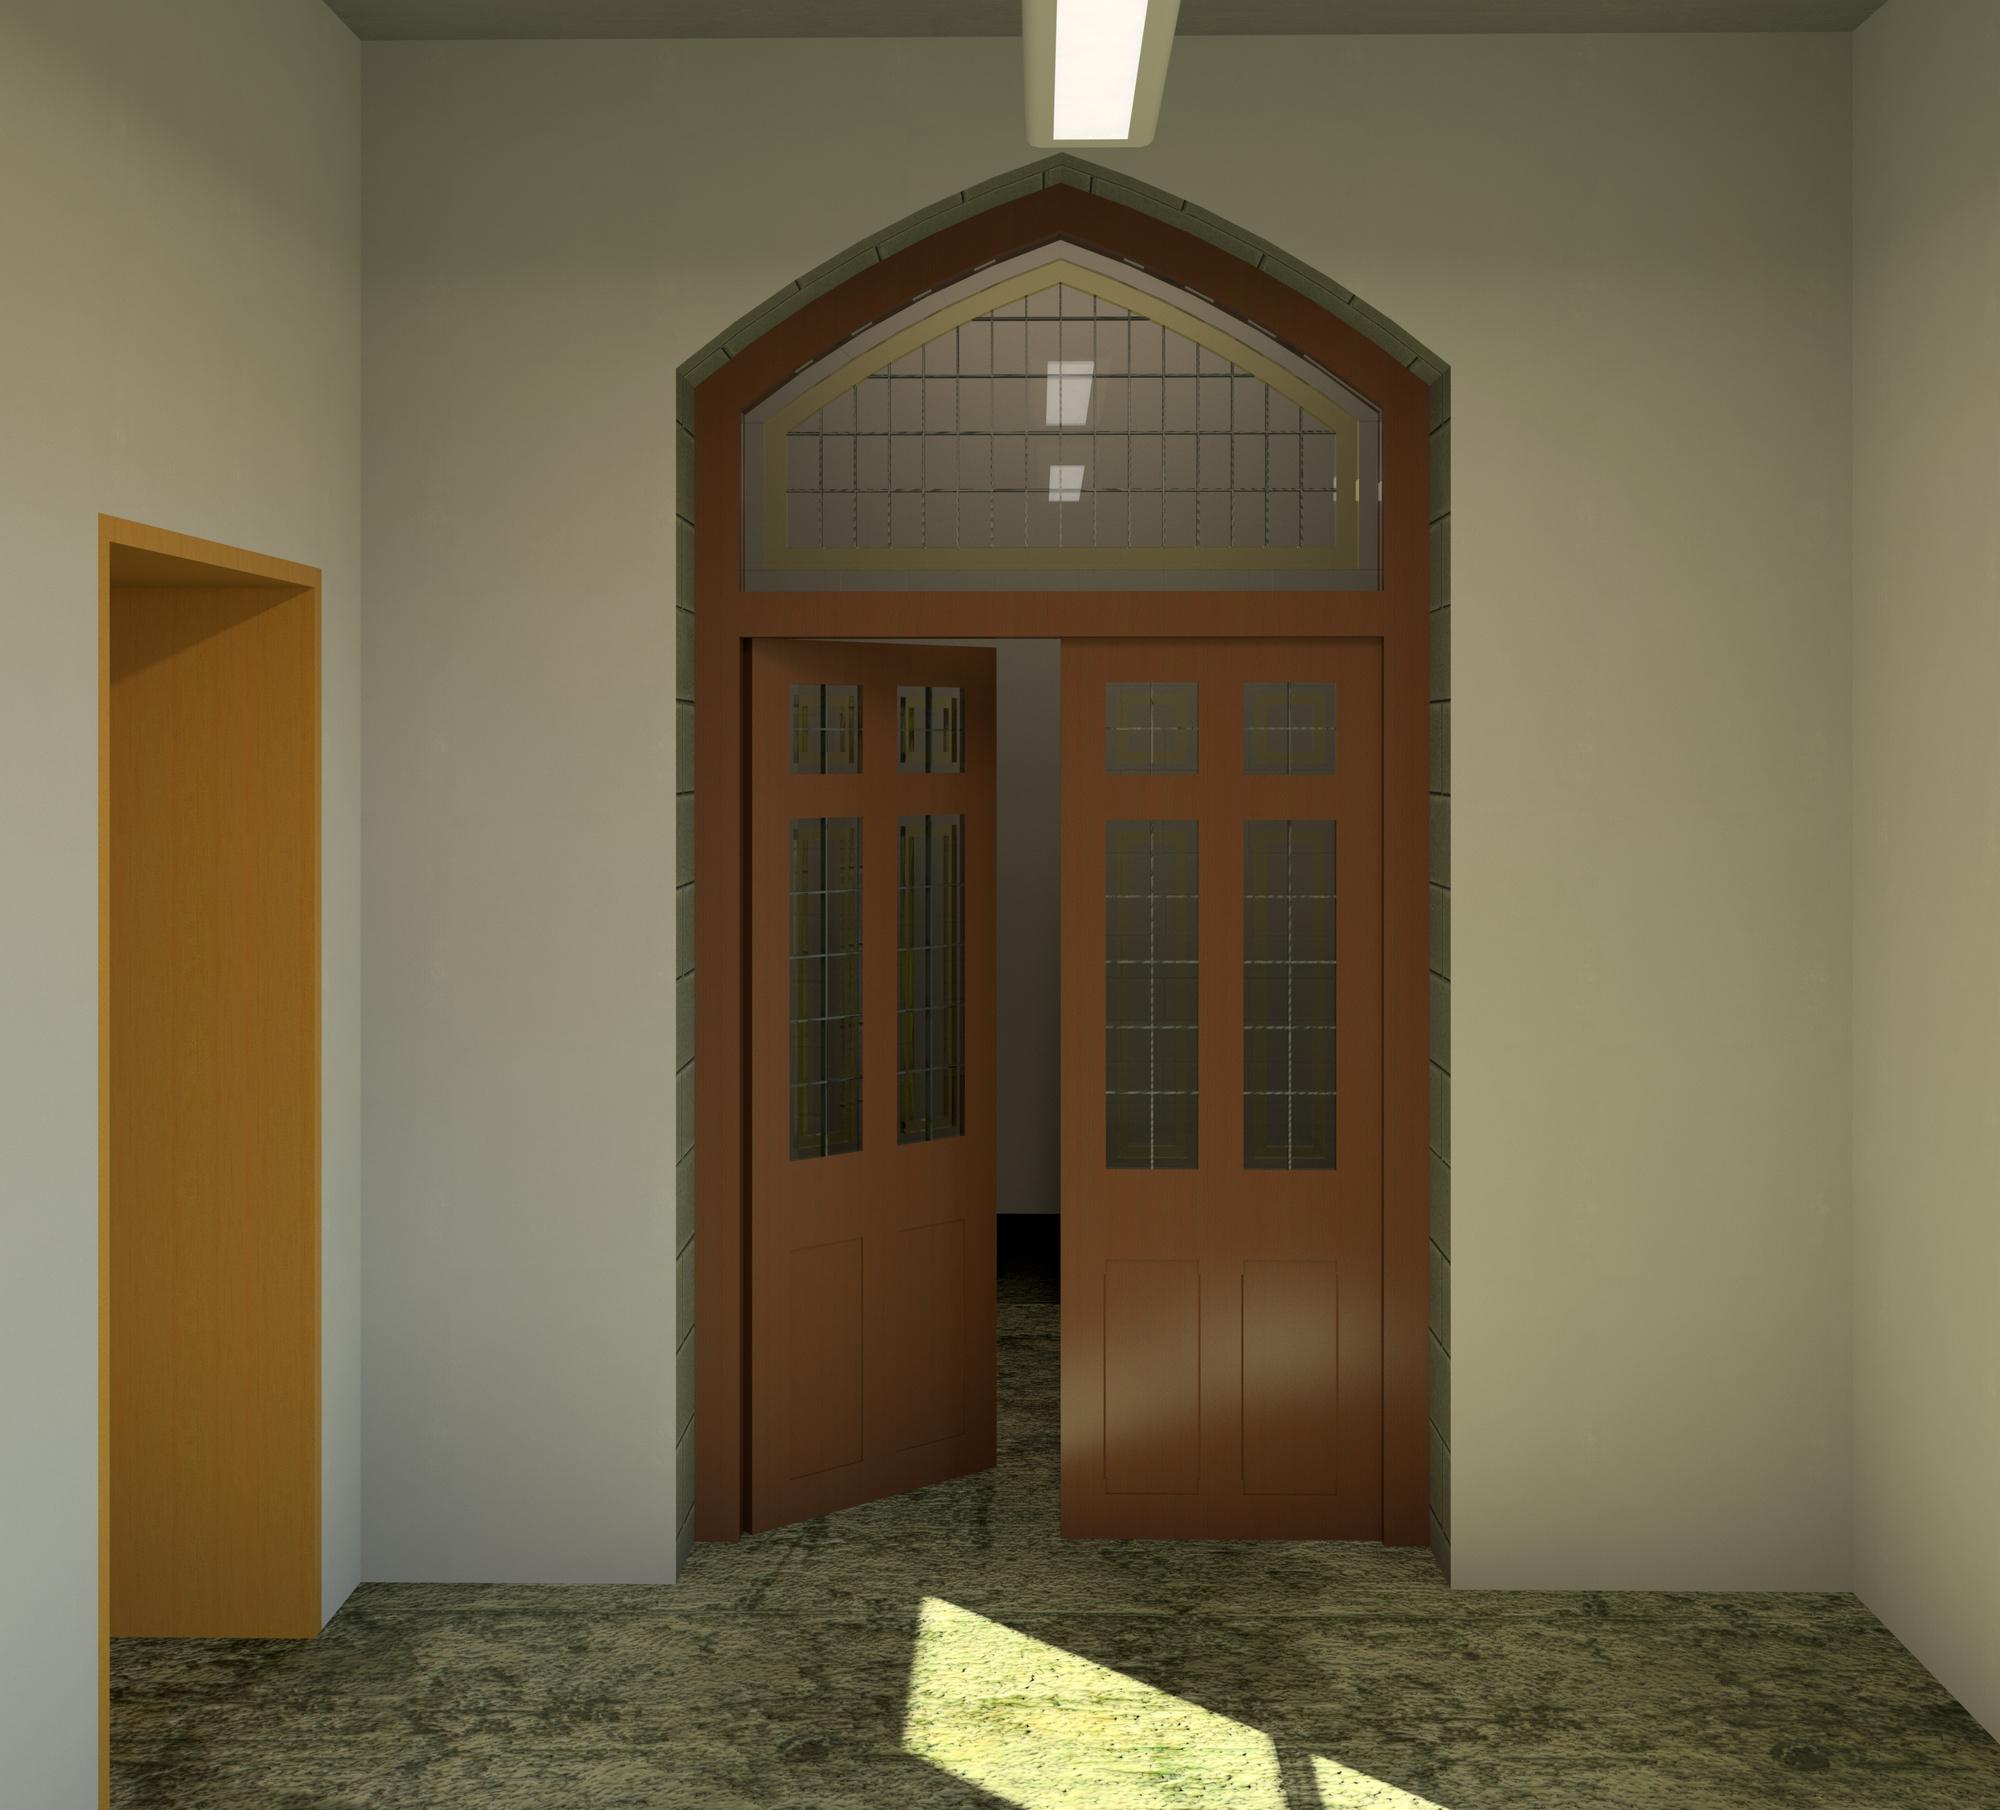 Raas-rendering20150305-27189-dv3sw1